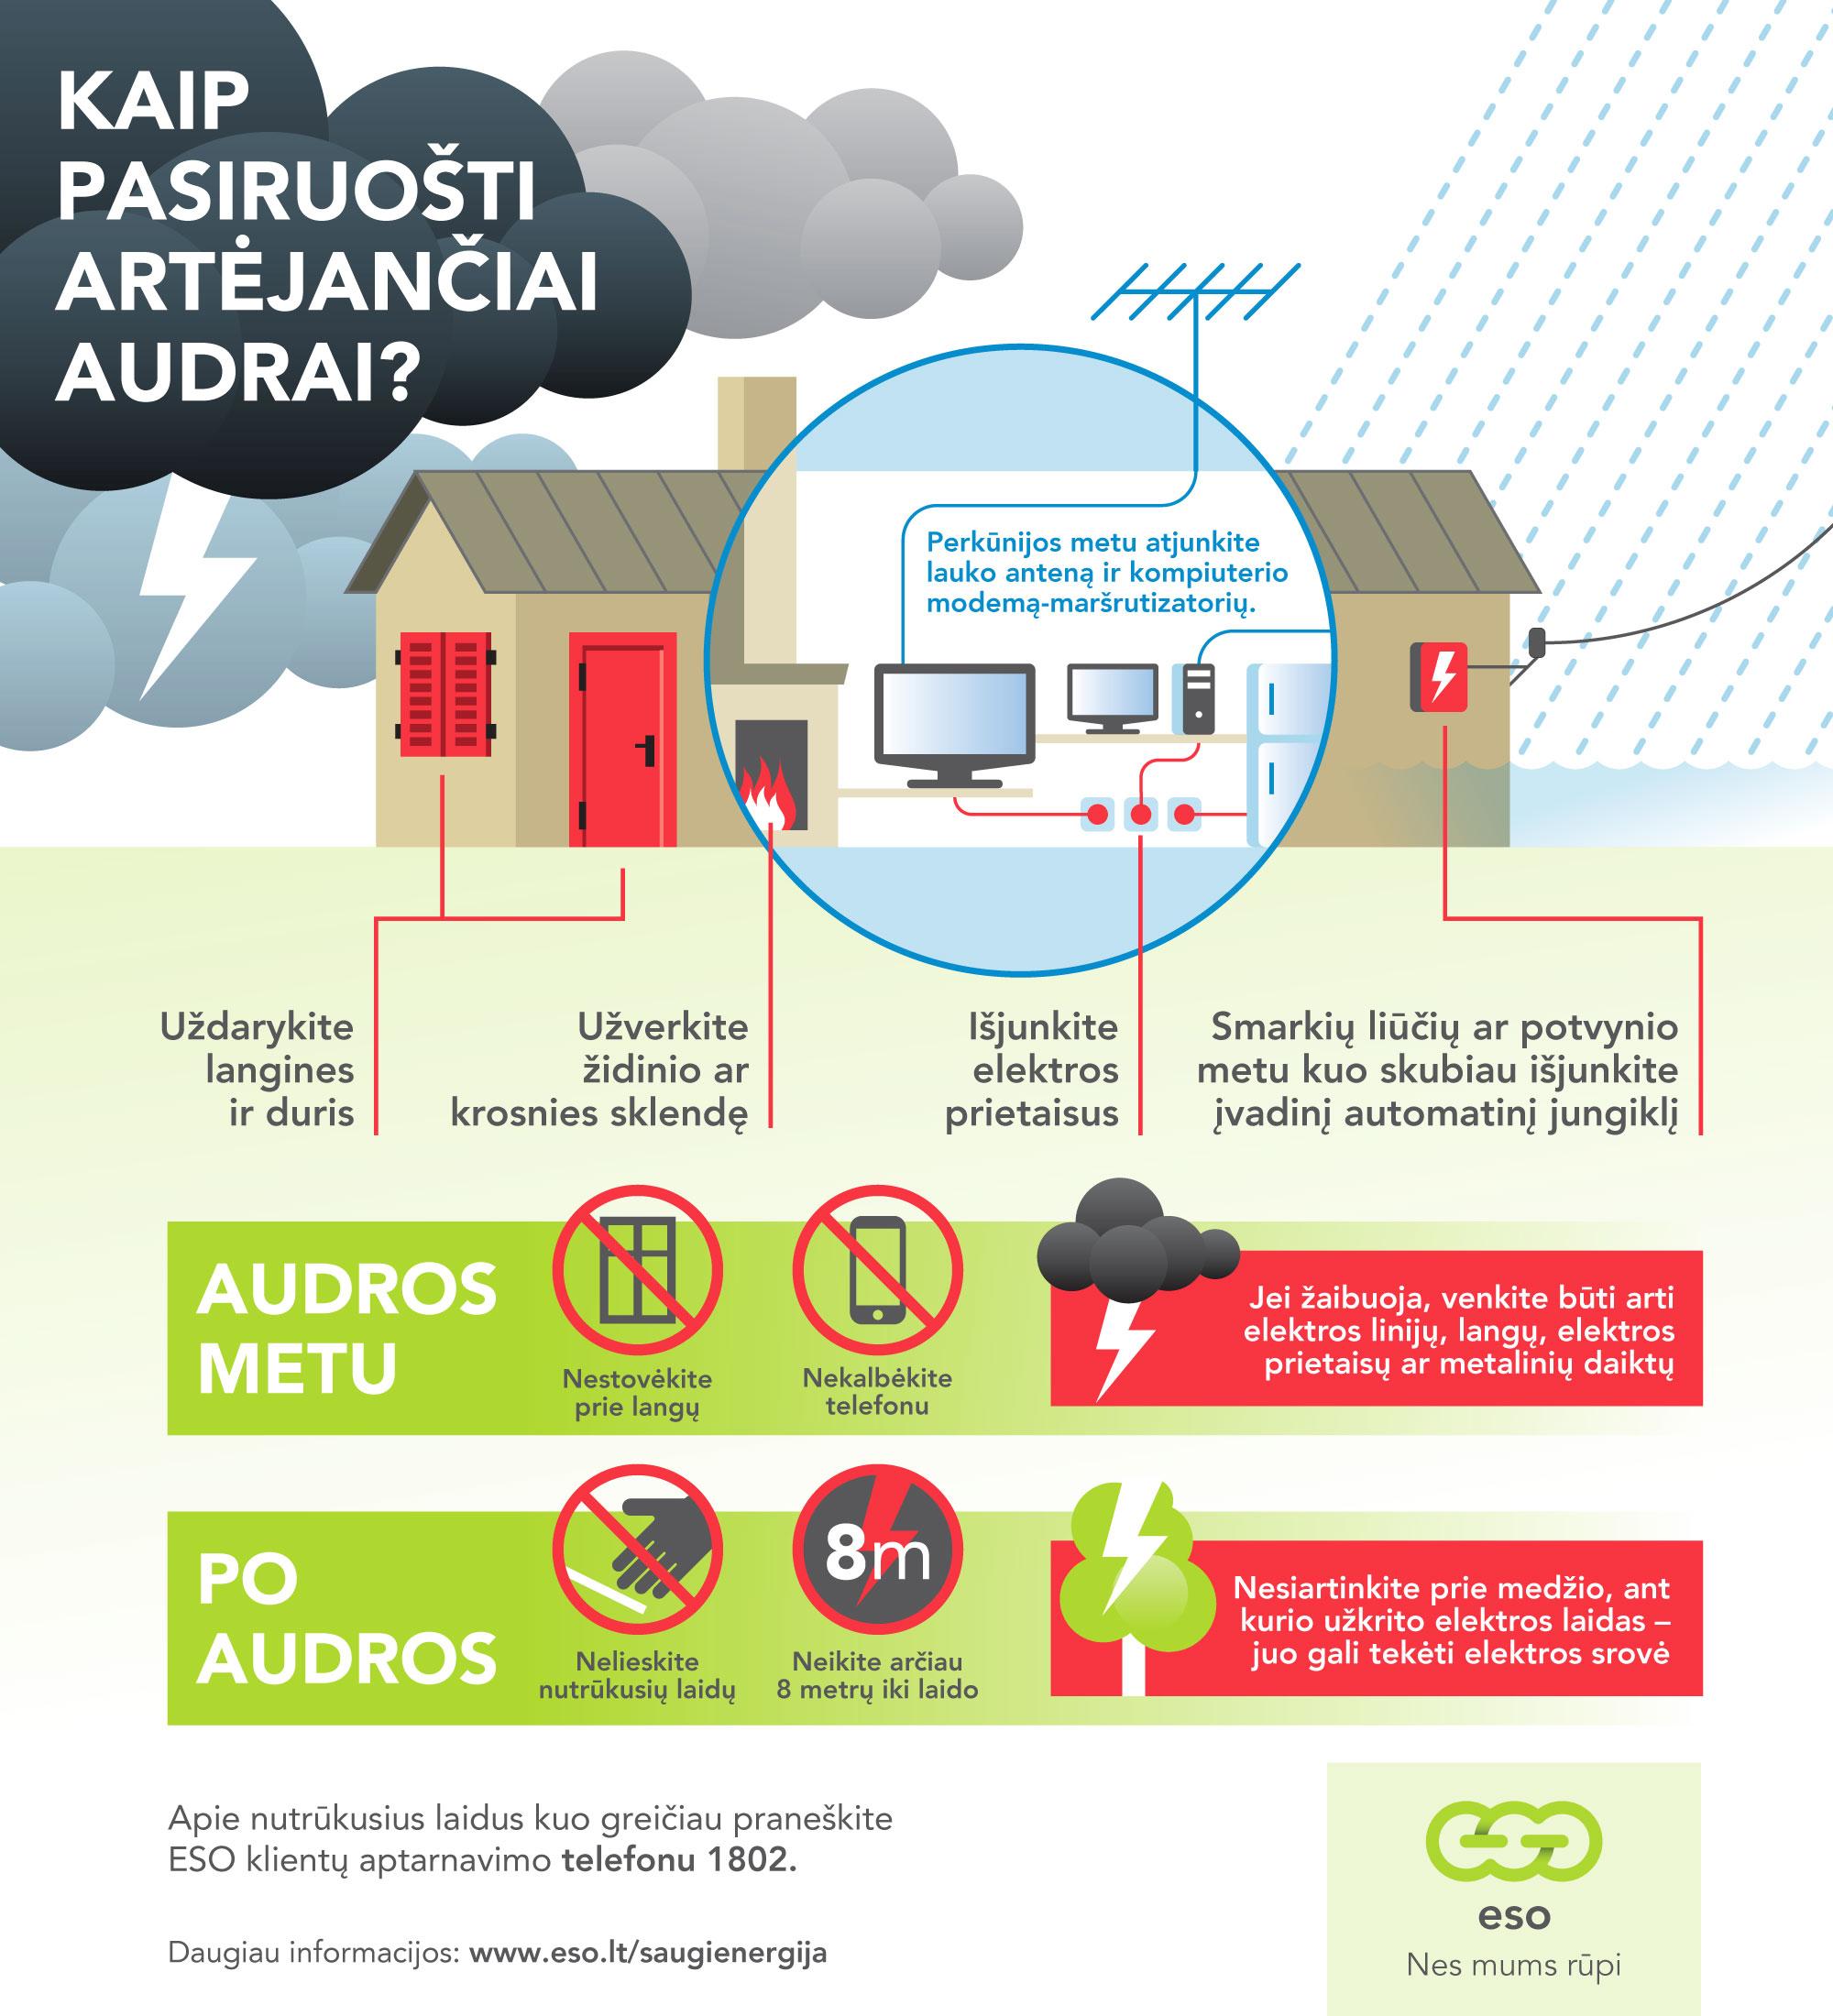 Audros metu negalima artintis prie elektros tinklo įrenginių: keturi svarbiausi patarimai